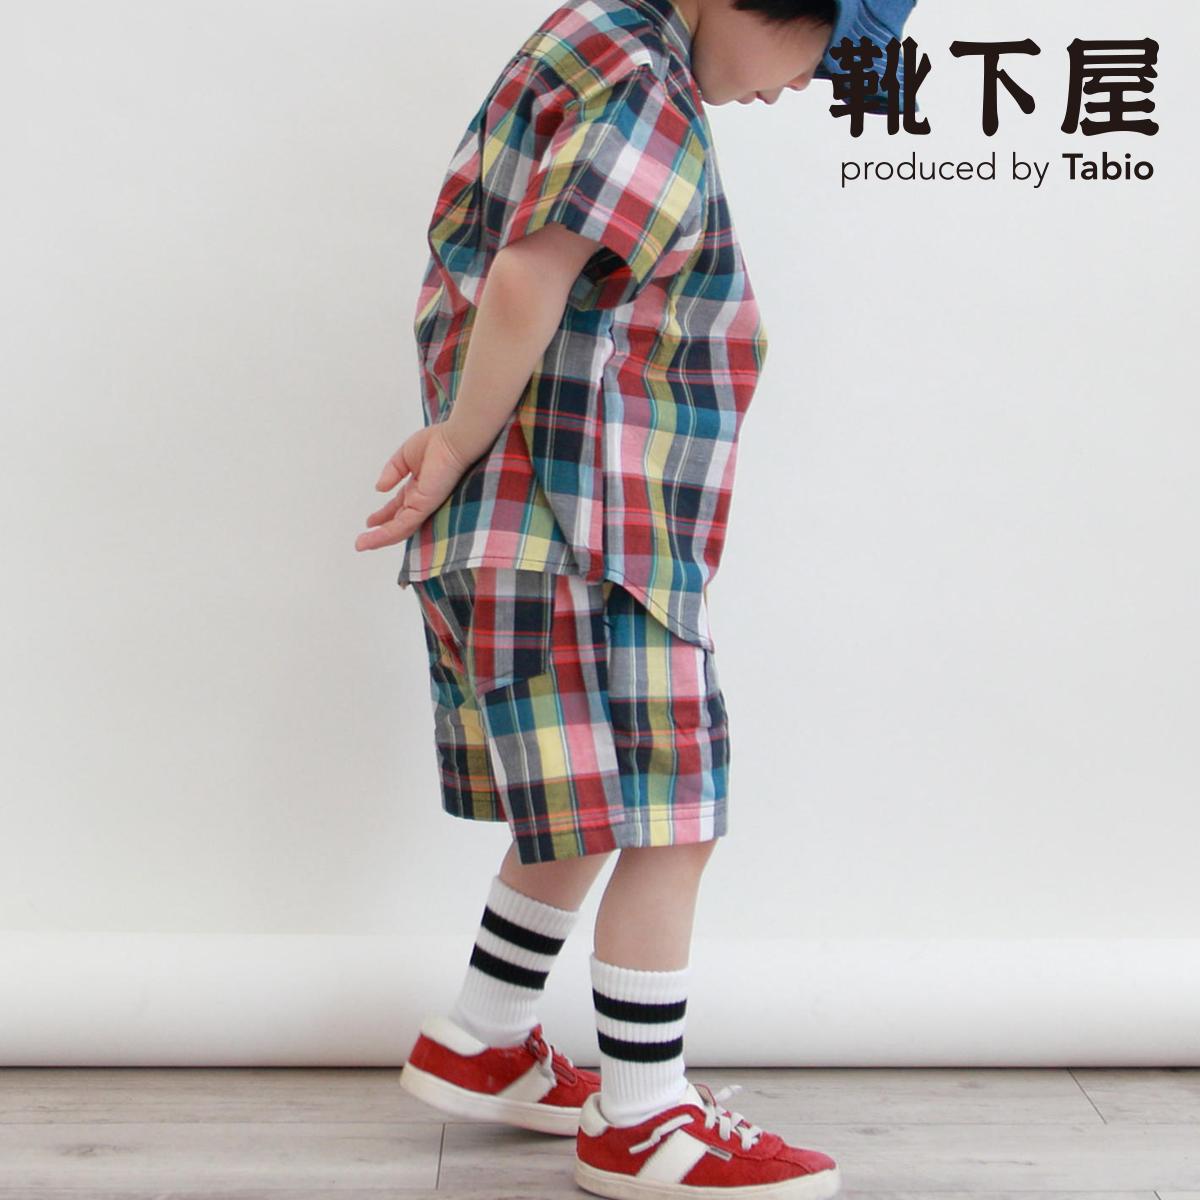 靴下屋 キッズ 2ラインショートソックス 16~18cm 靴下 即納 タビオ Tabio 日本製 ショート あす楽 子供用靴下 子供 くつ下 流行のアイテム